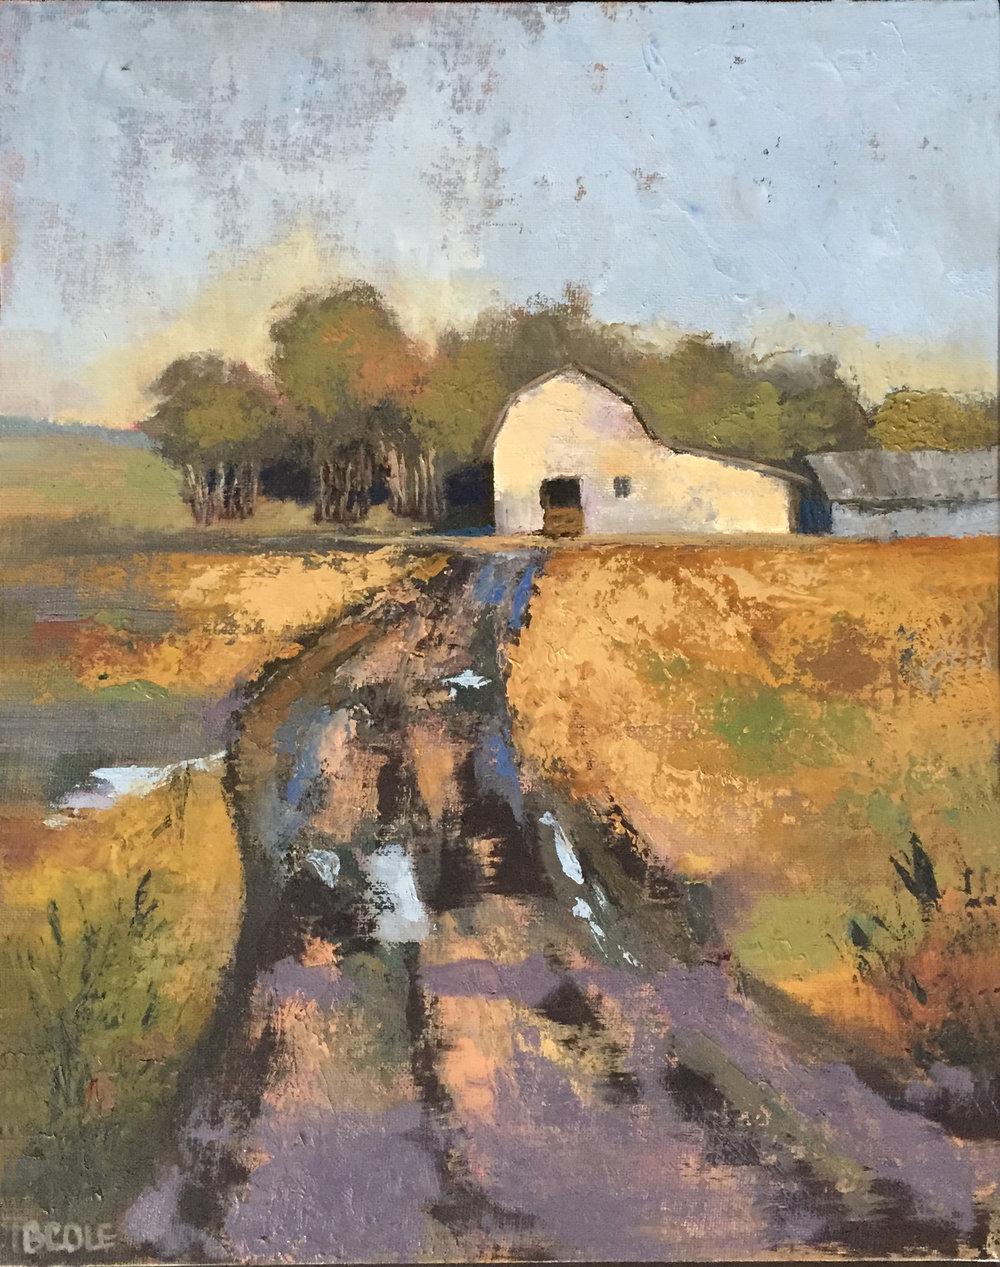 Rainy Place - Oil on Canvas - 11 x 14